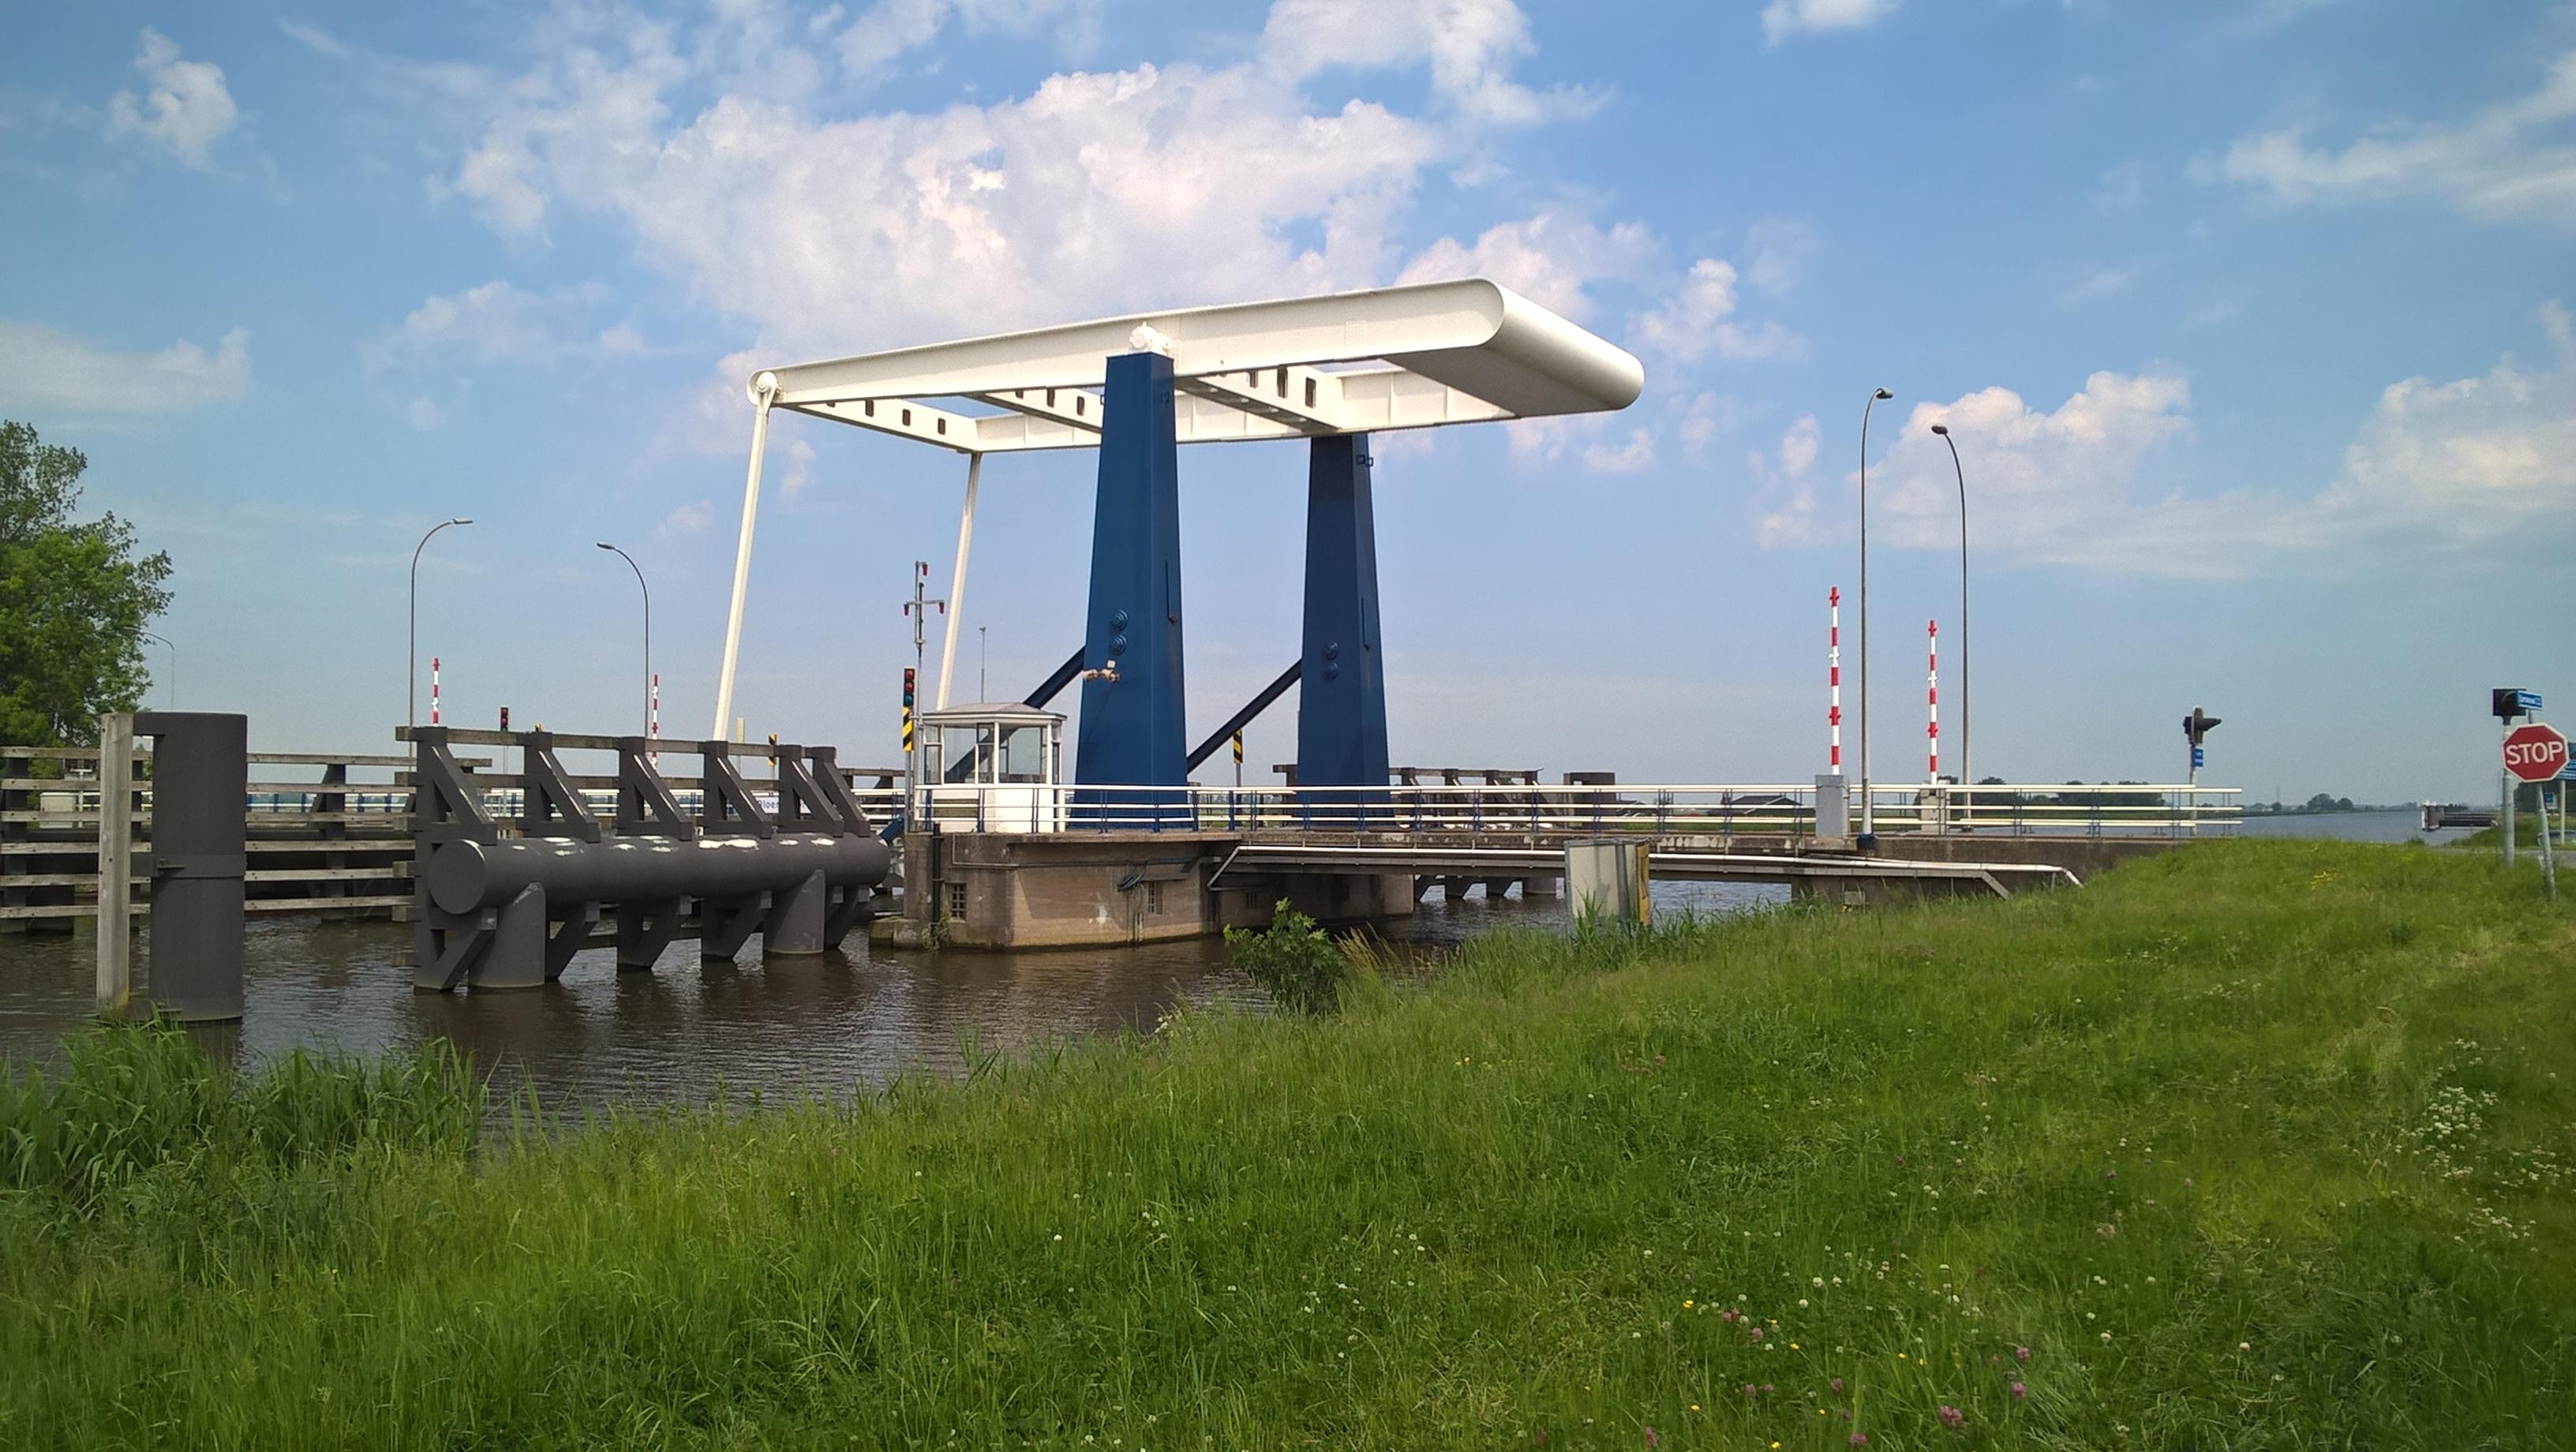 Jansma Drachten partner voor onderhoudsproject hoofdvaarweg Lemmer-Delfzijl